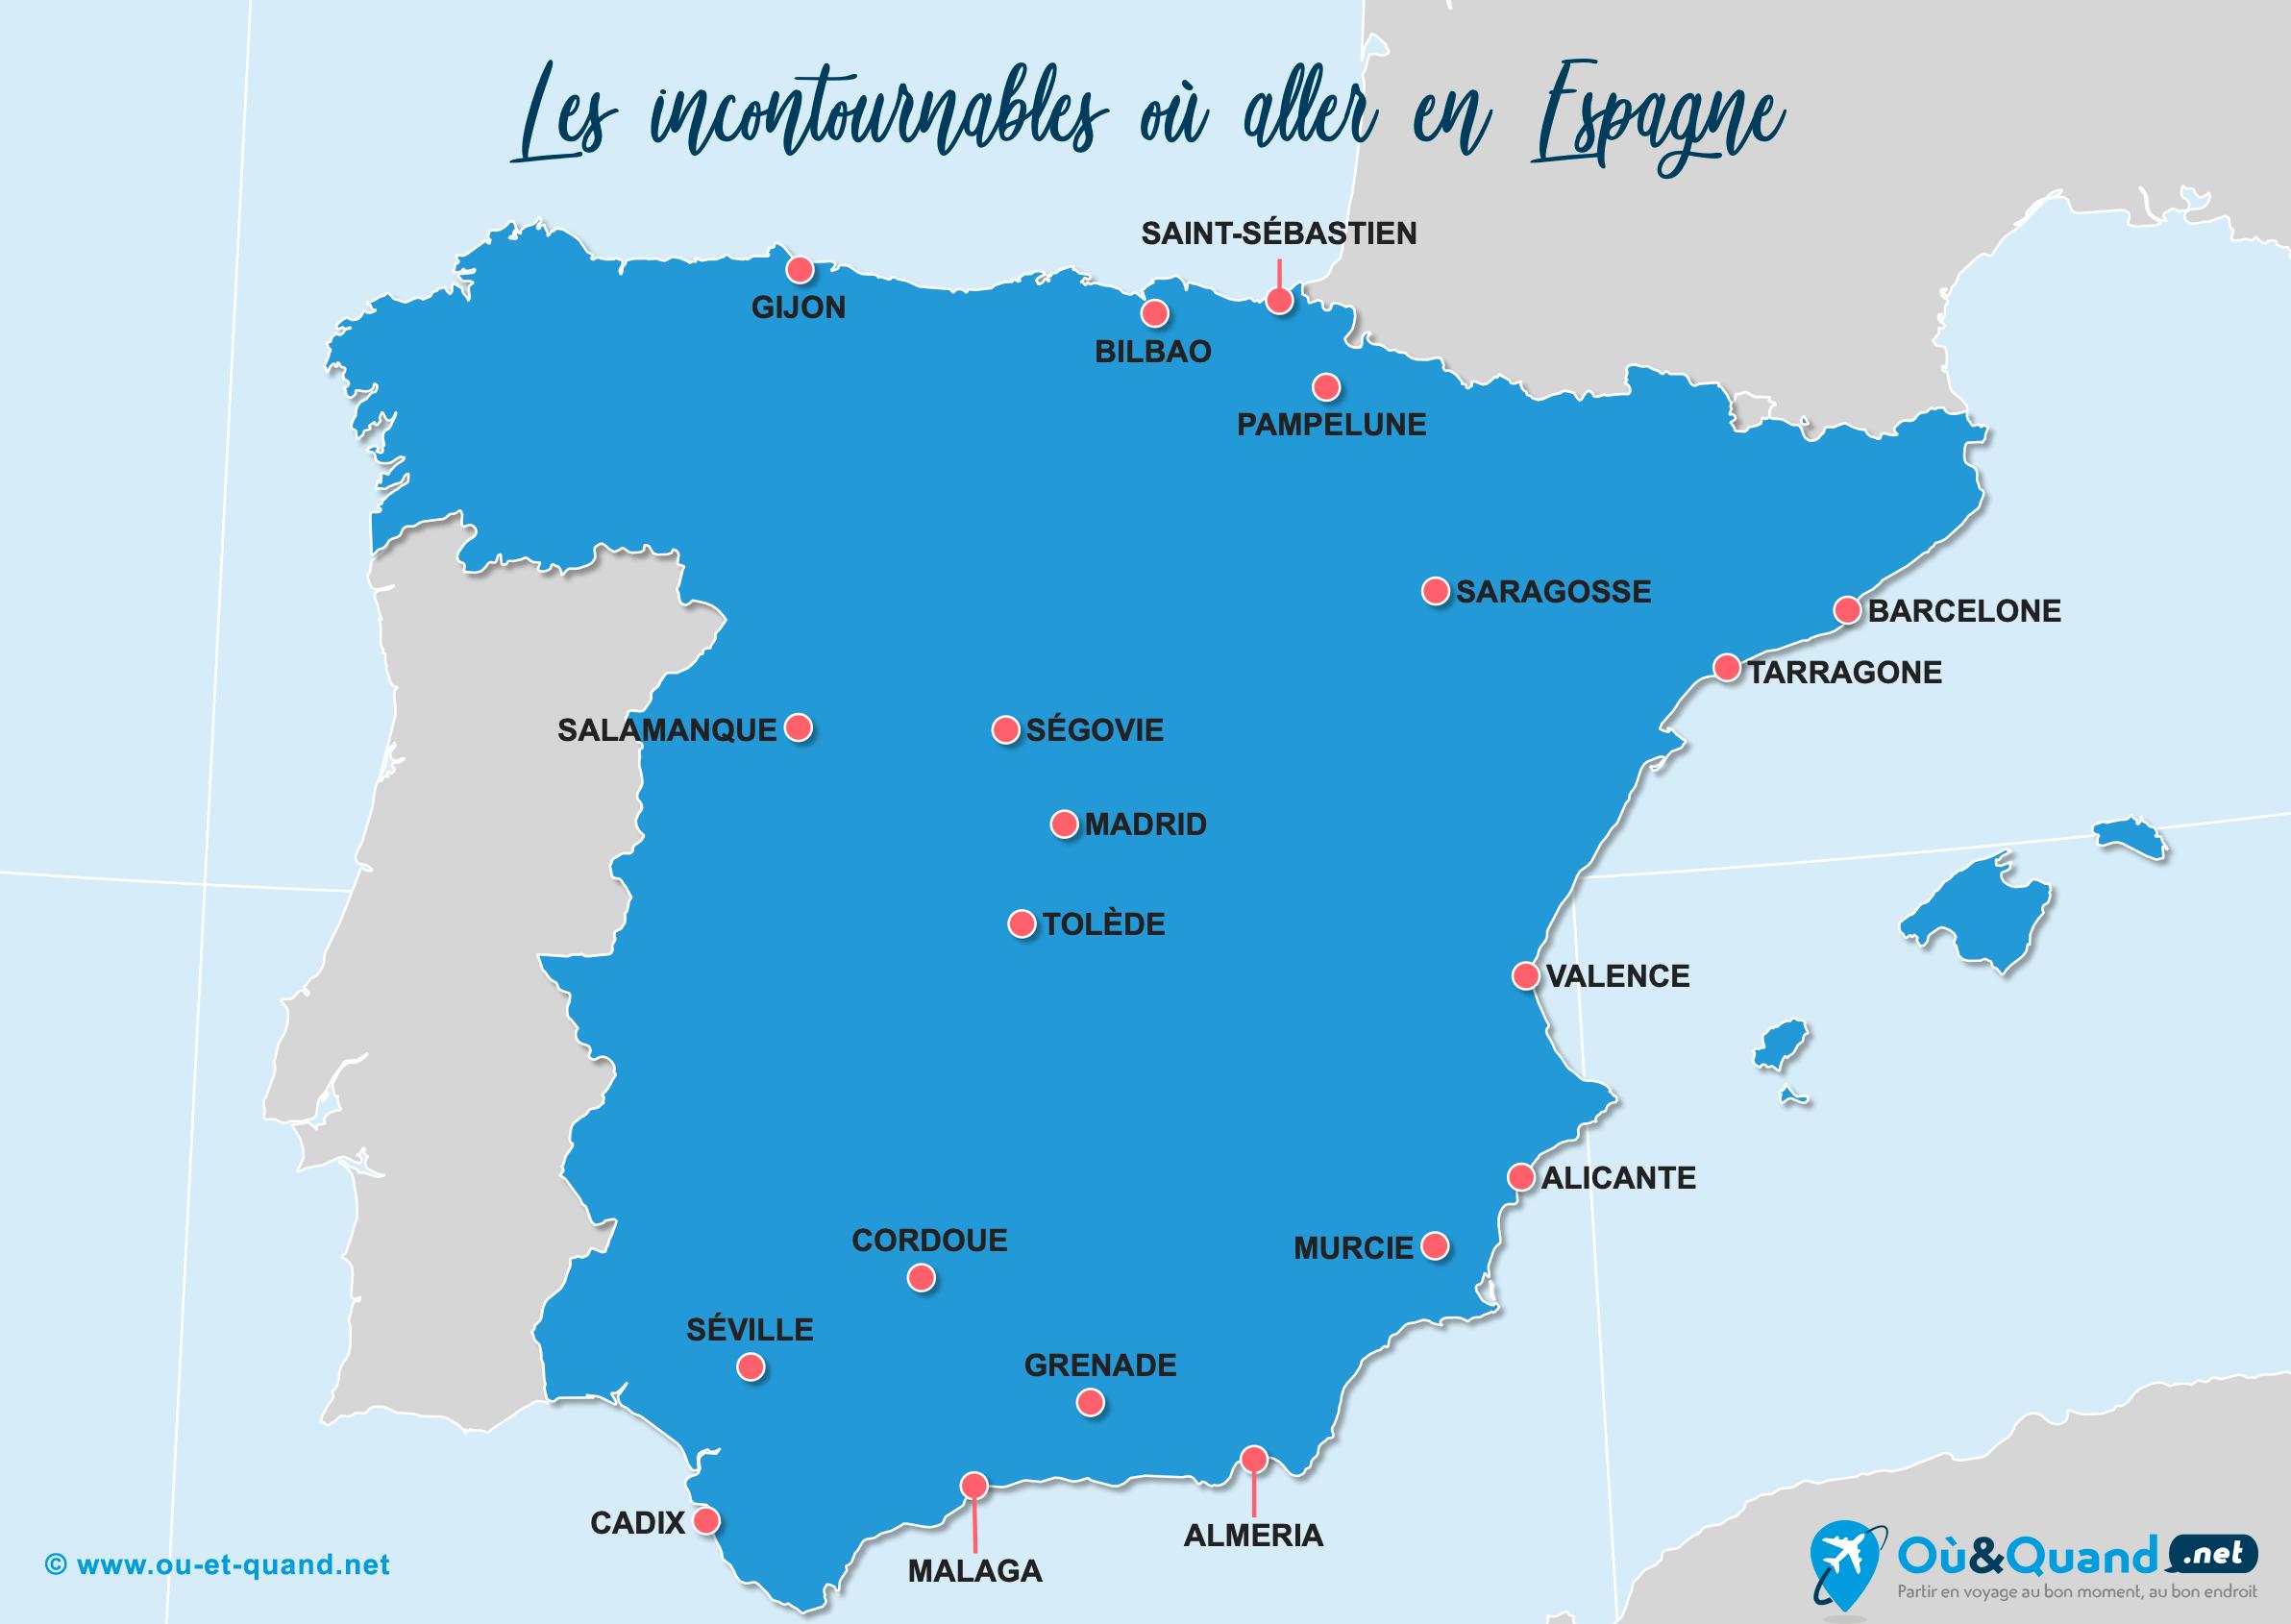 Carte Espagne : Les lieux incontournables en Espagne